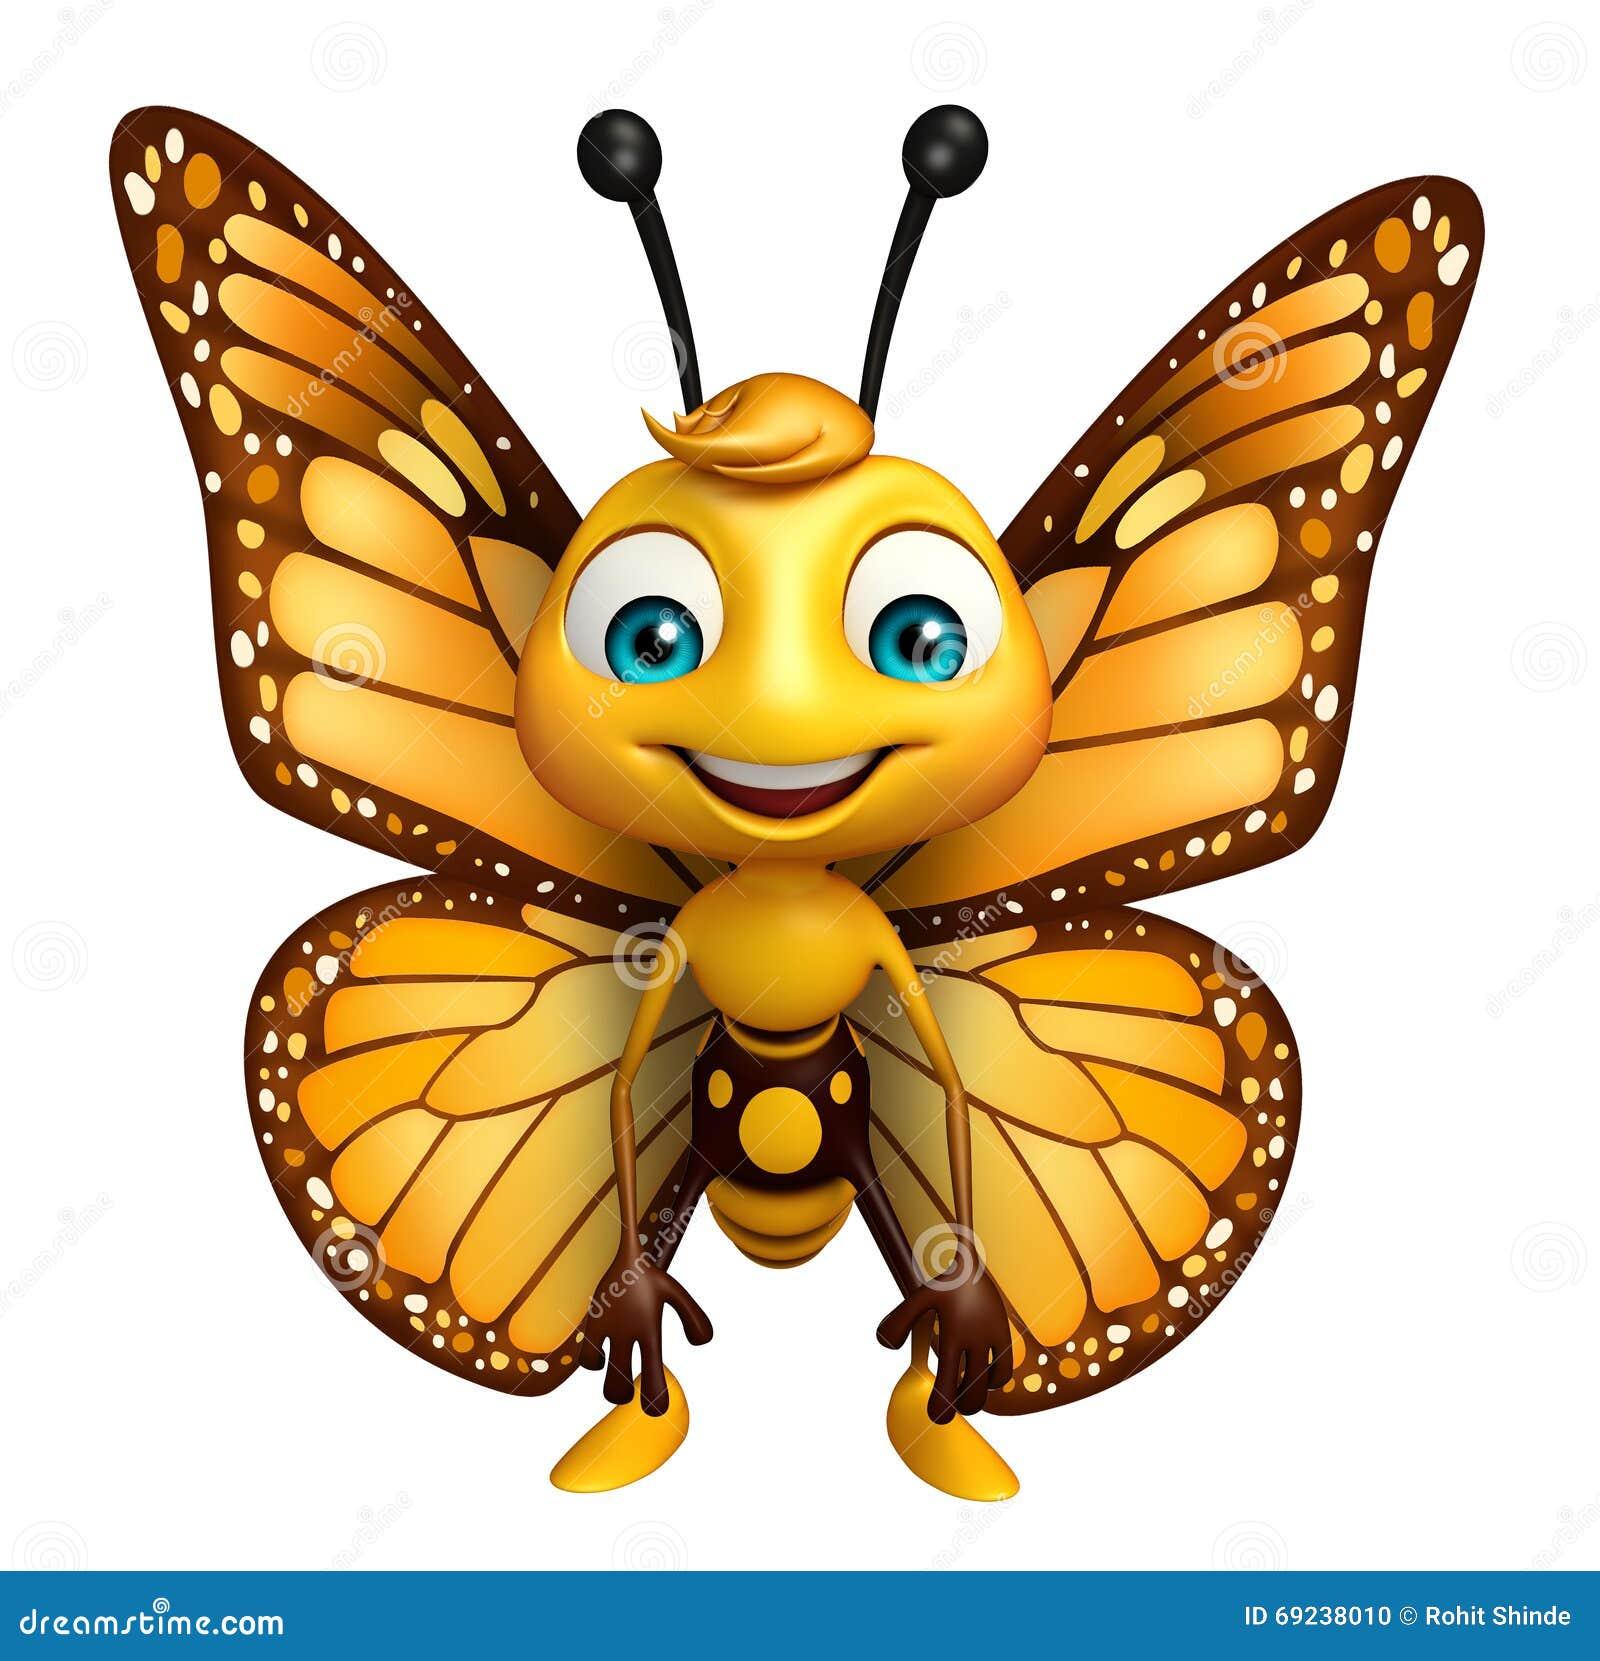 Personnage De Dessin Animé Drôle De Papillon Illustration Stock - Image: 69238010